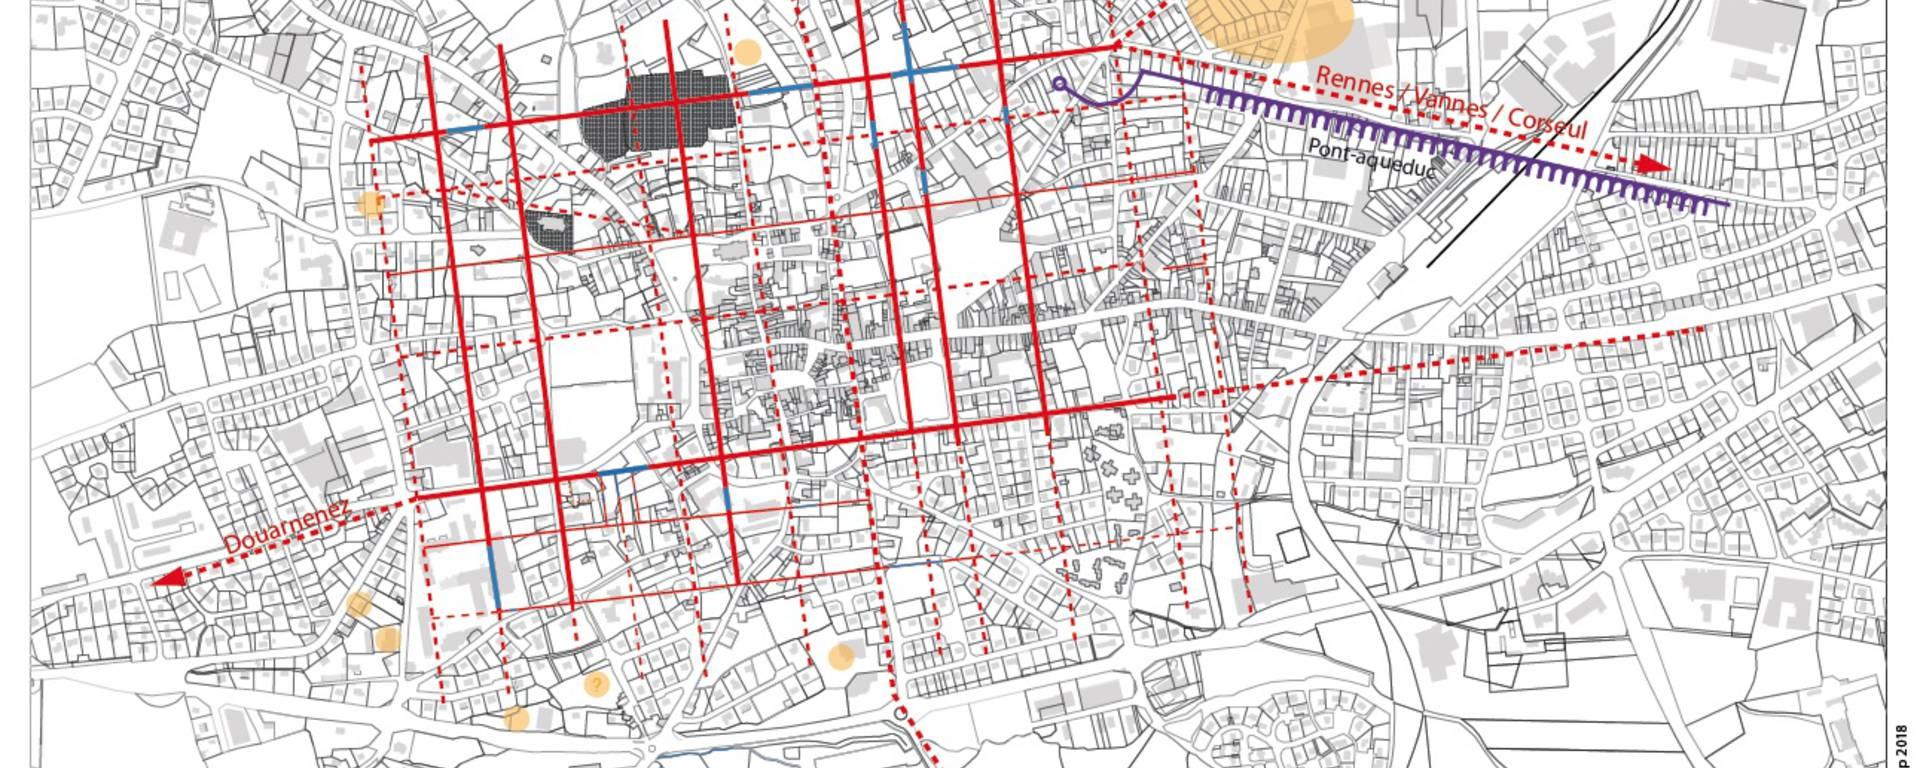 Plan de la ville antique de Vorgium, sur fond du cadastre actuel (G. Le Cloirec, Inrap)